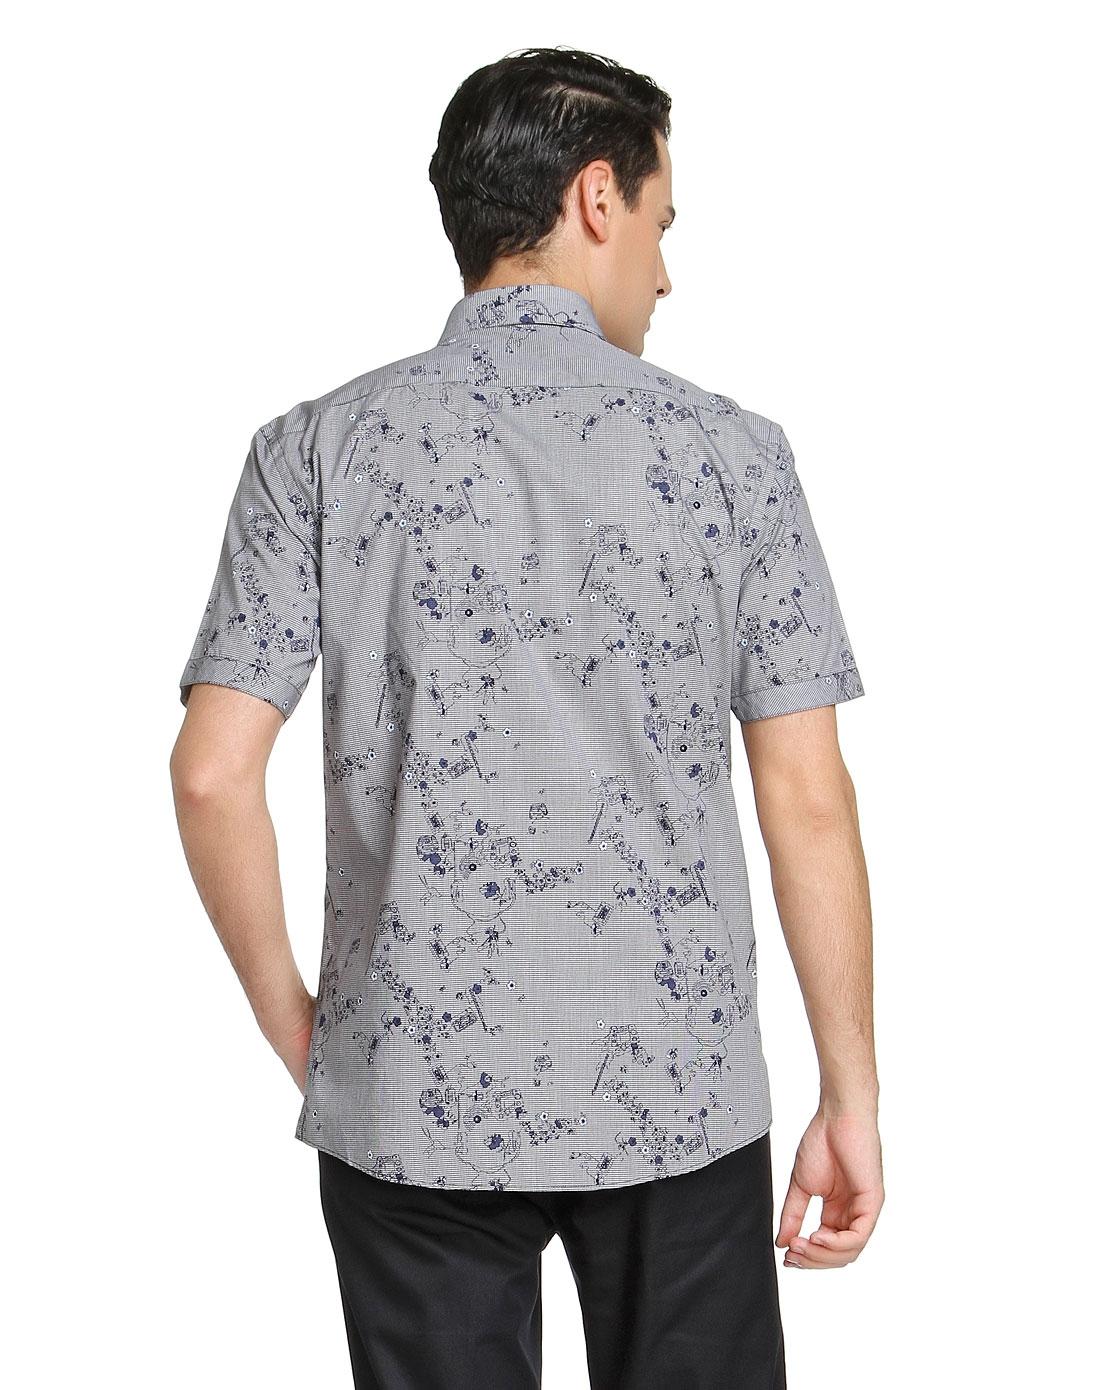 喬治白giuseppe男士襯衫專場-黑白格子底印花短袖襯衫圖片